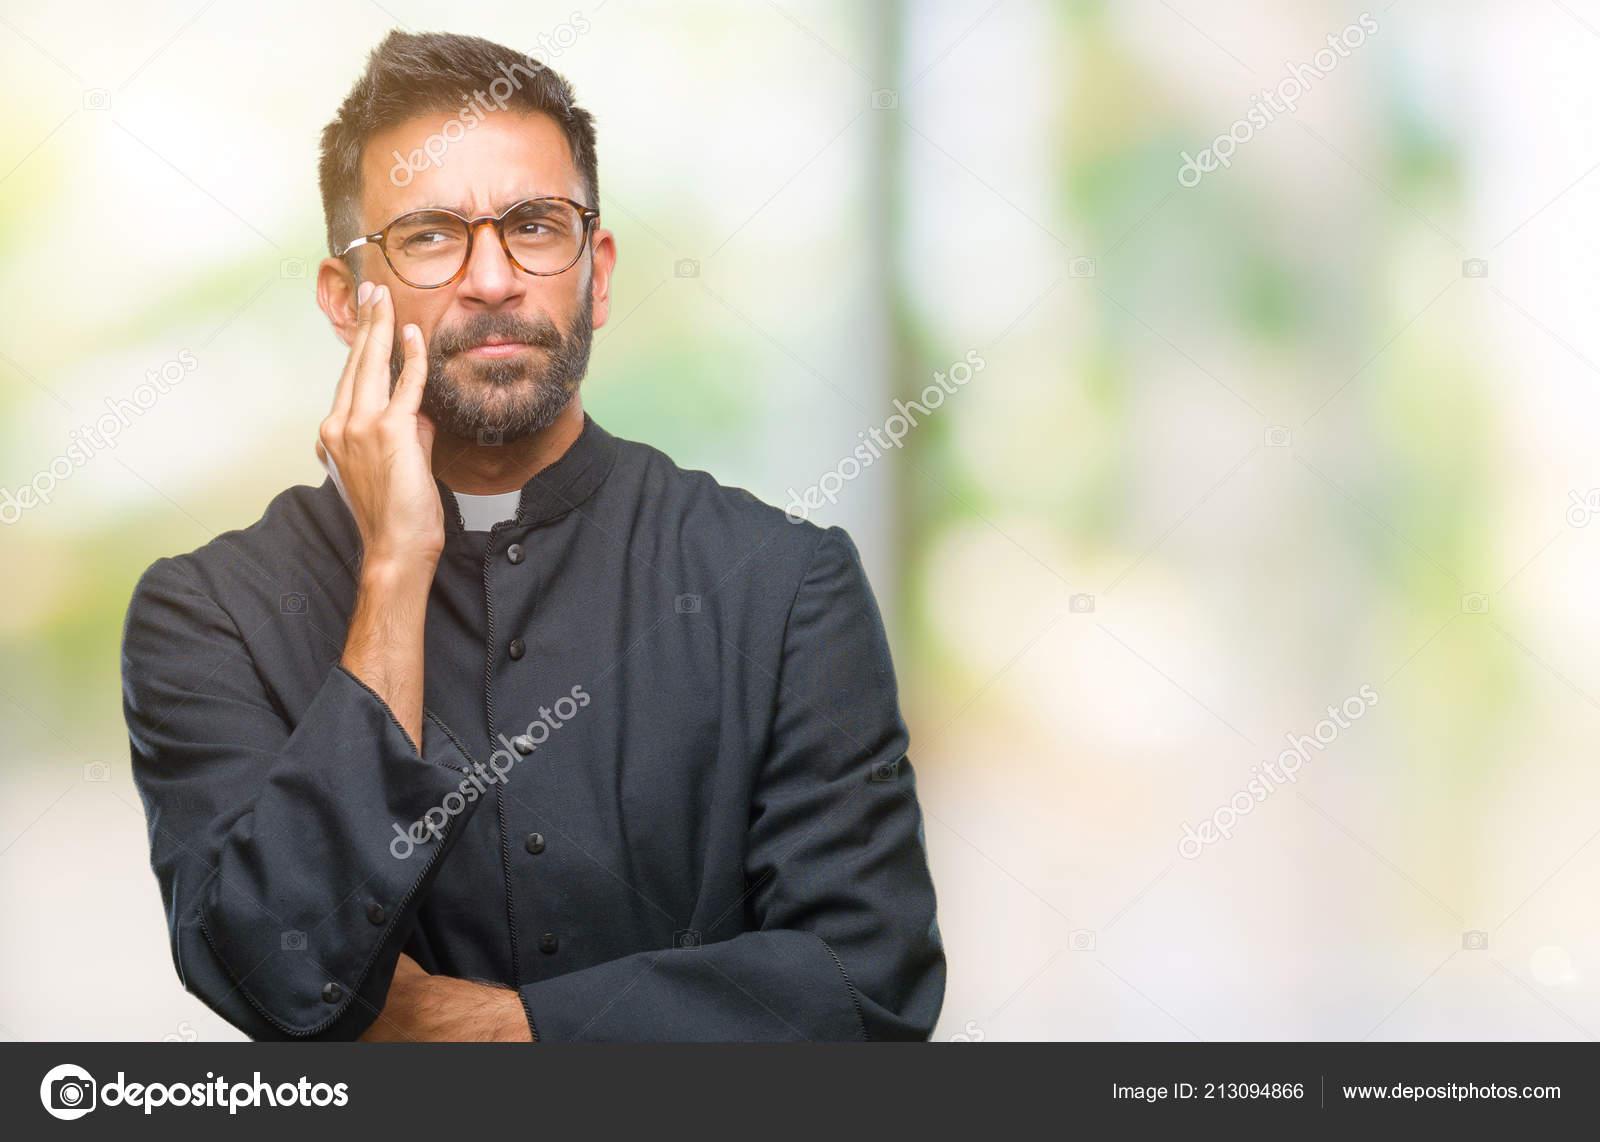 Cerco uomo cattolico [PUNIQRANDLINE-(au-dating-names.txt) 59